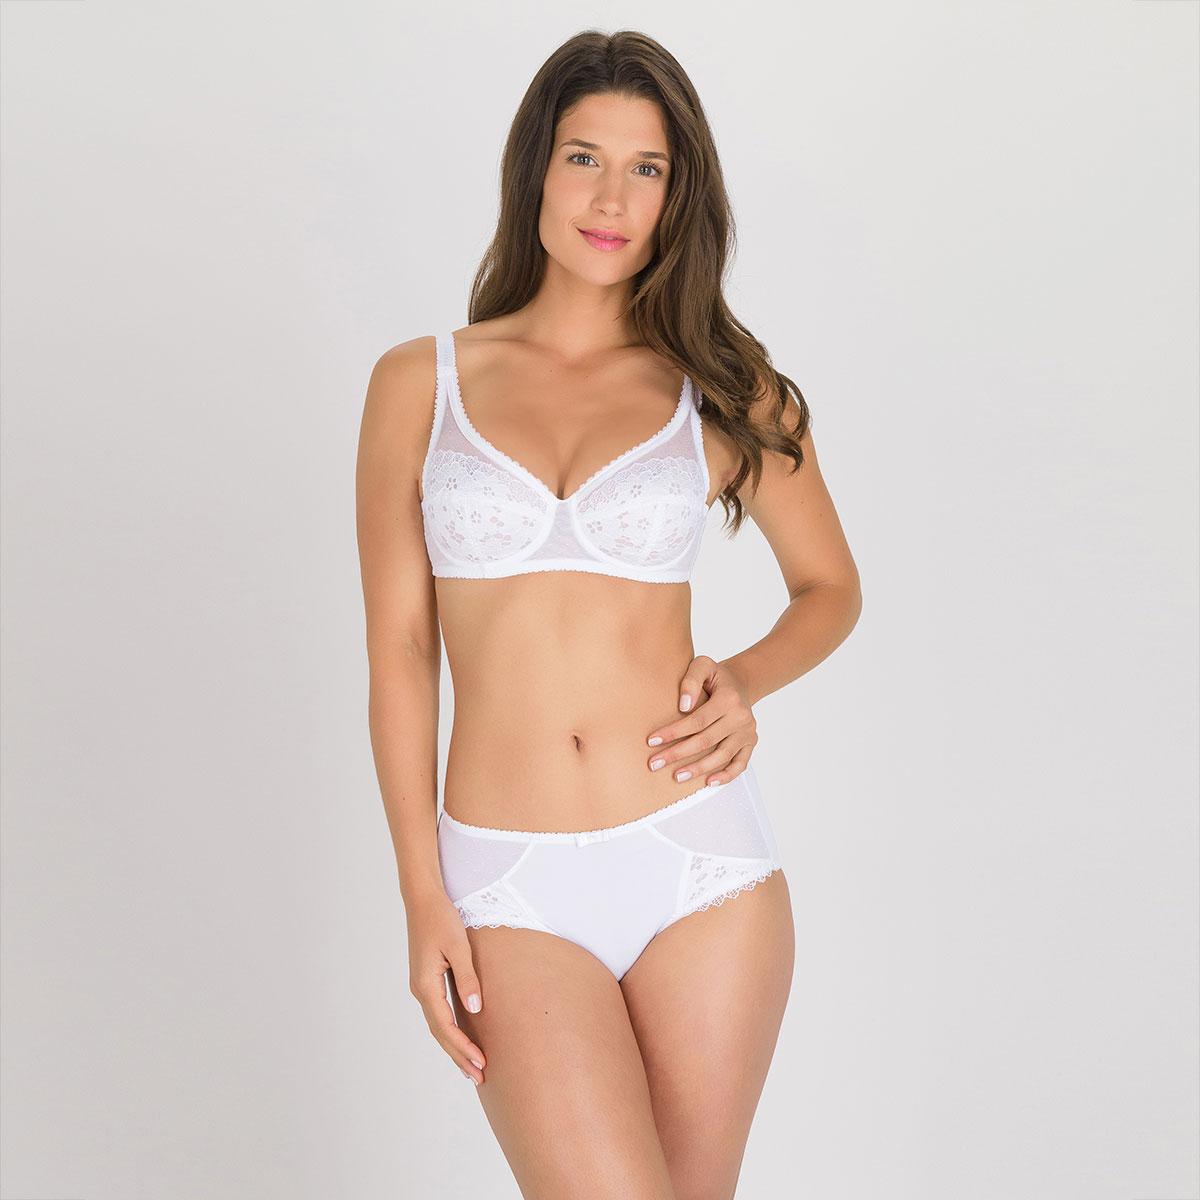 Soutien-gorge emboîtant blanc  – Cœur Croisé Dentelle-PLAYTEX